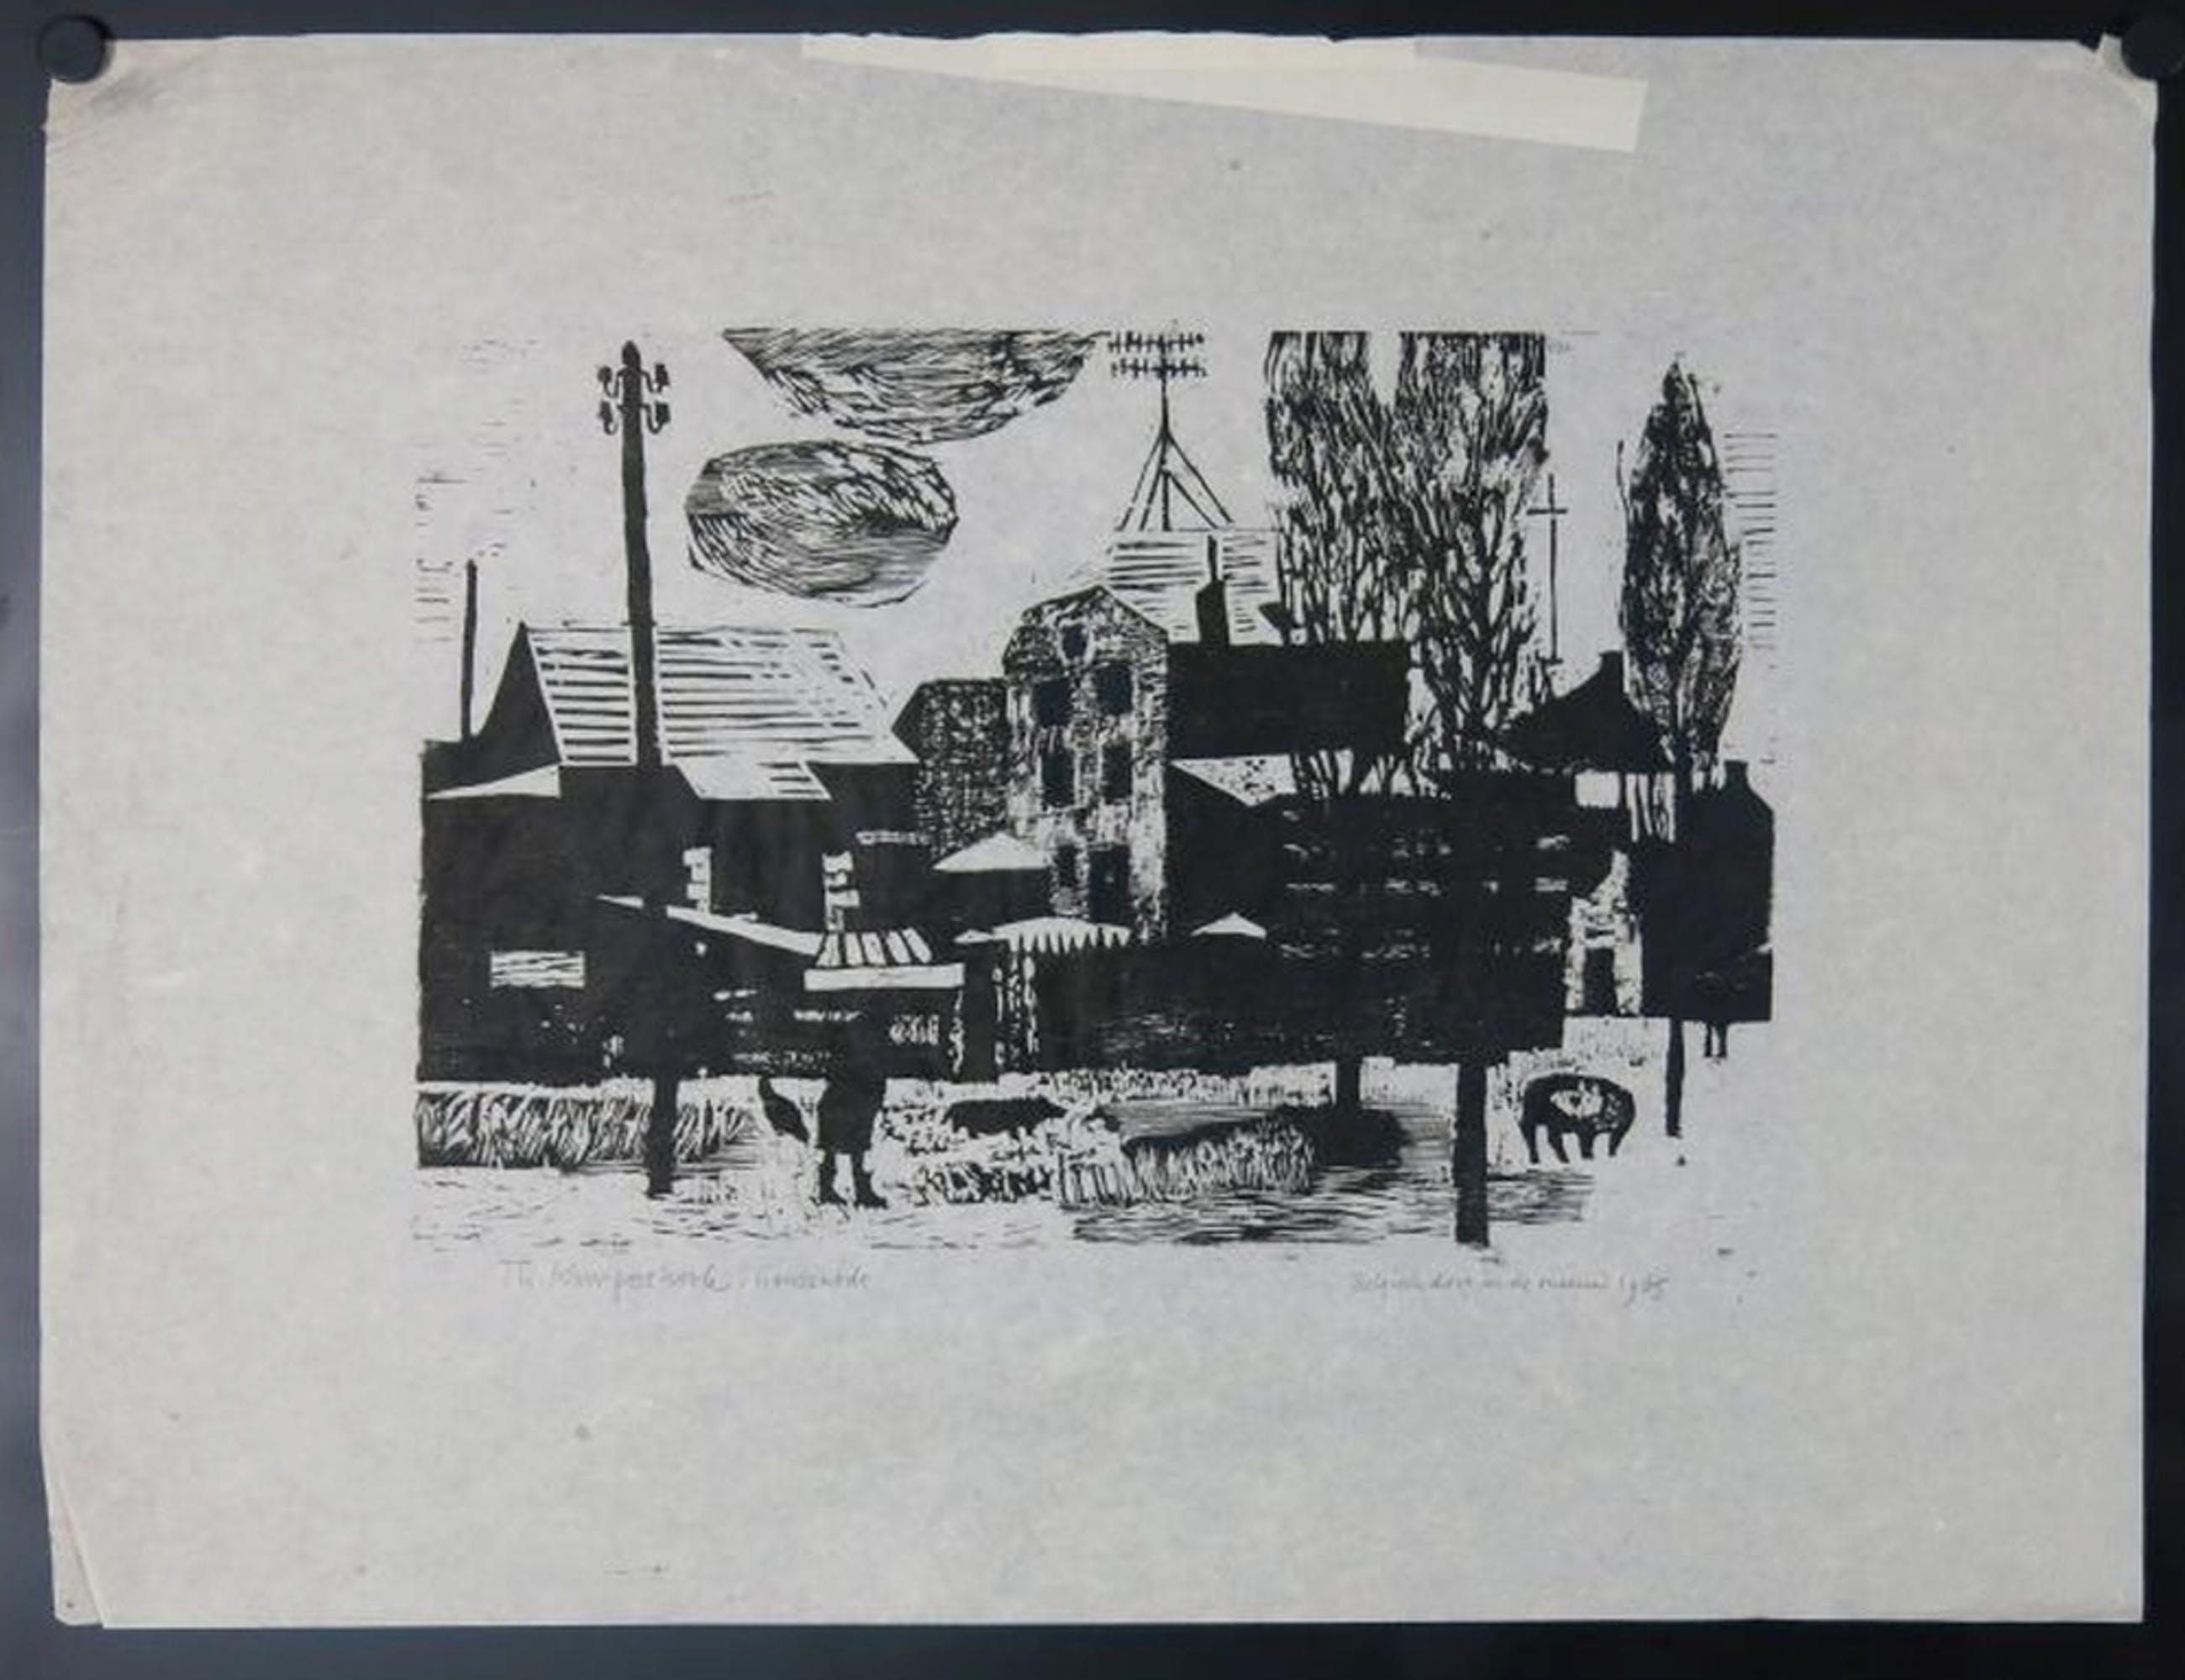 Theo Kurpershoek: Houtsnede, Belgisch Dorp in de Sneeuw kopen? Bied vanaf 1!